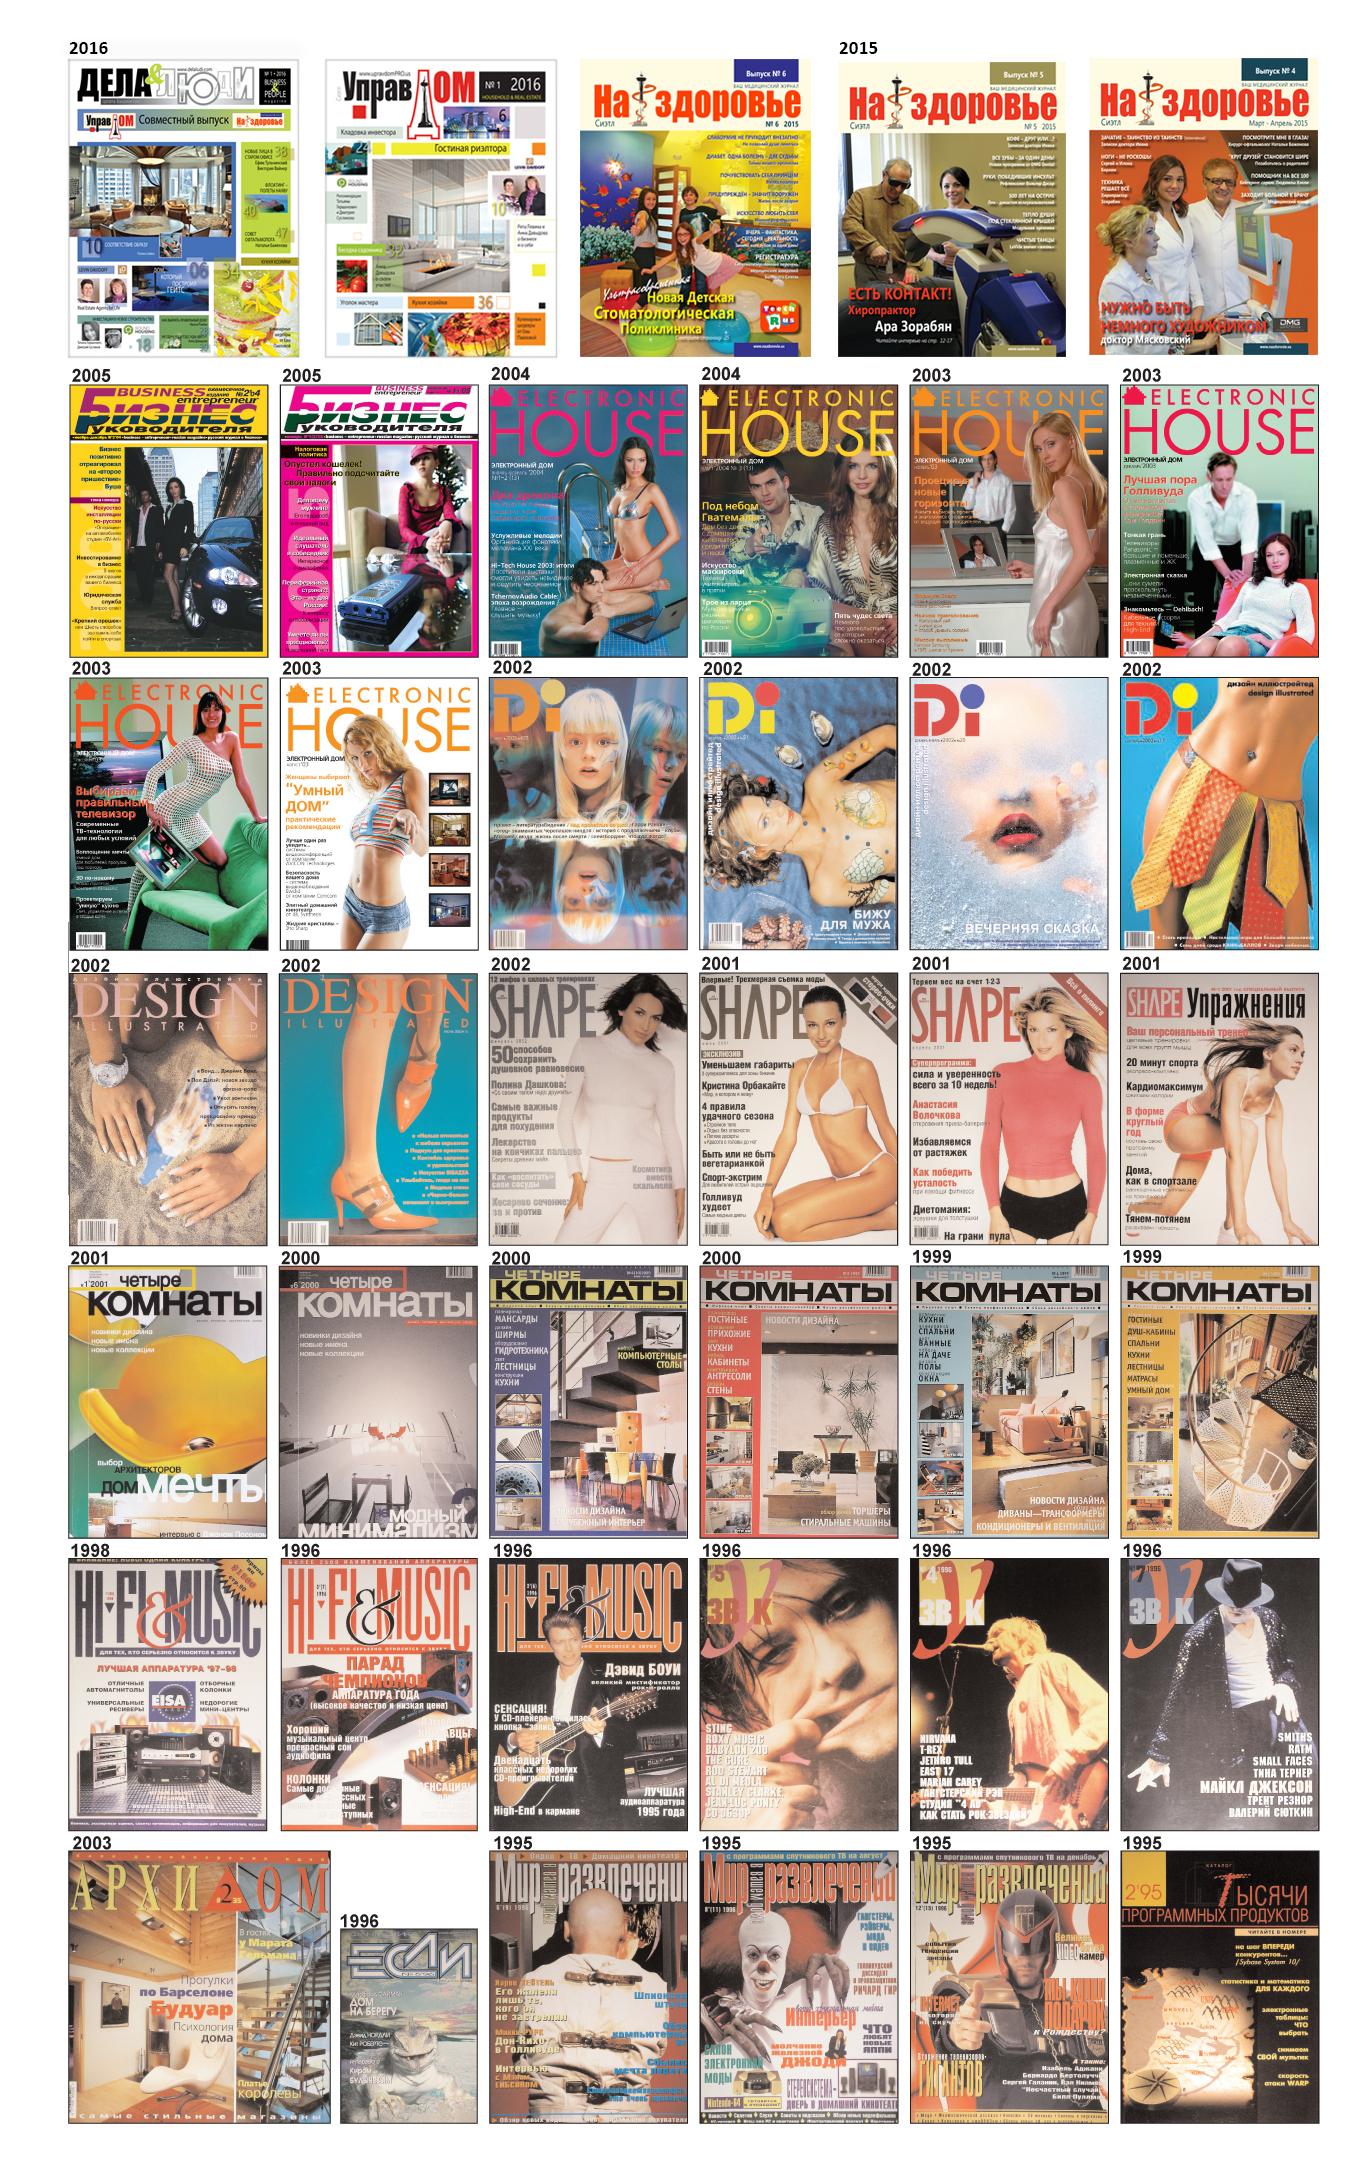 Magazines-1995-2016